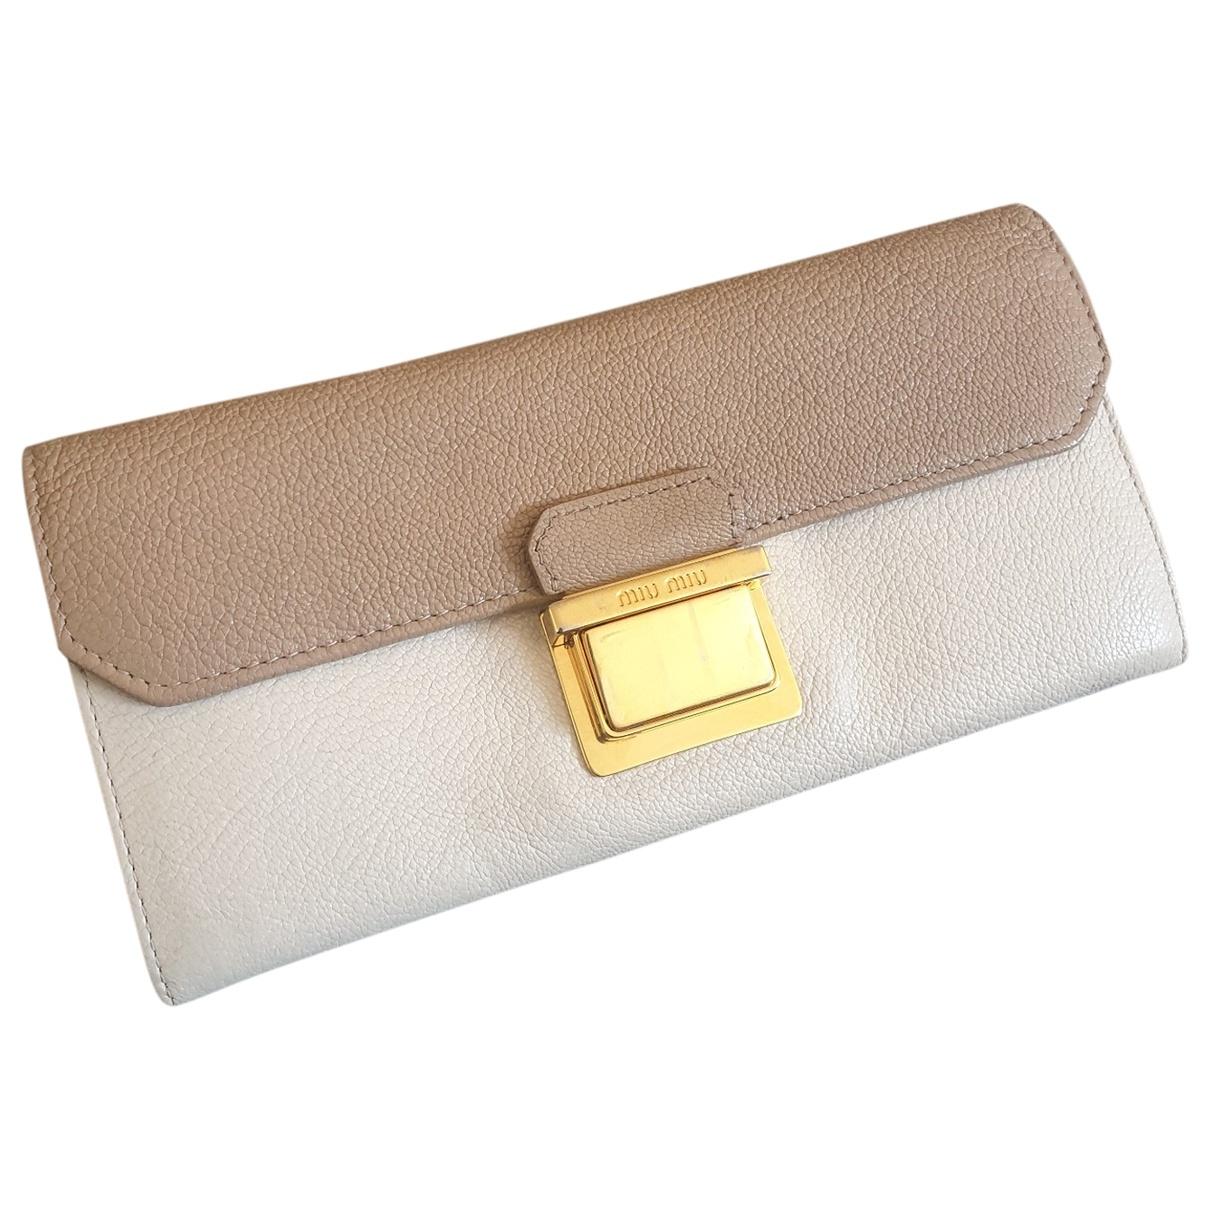 Miu Miu \N Beige Leather wallet for Women \N